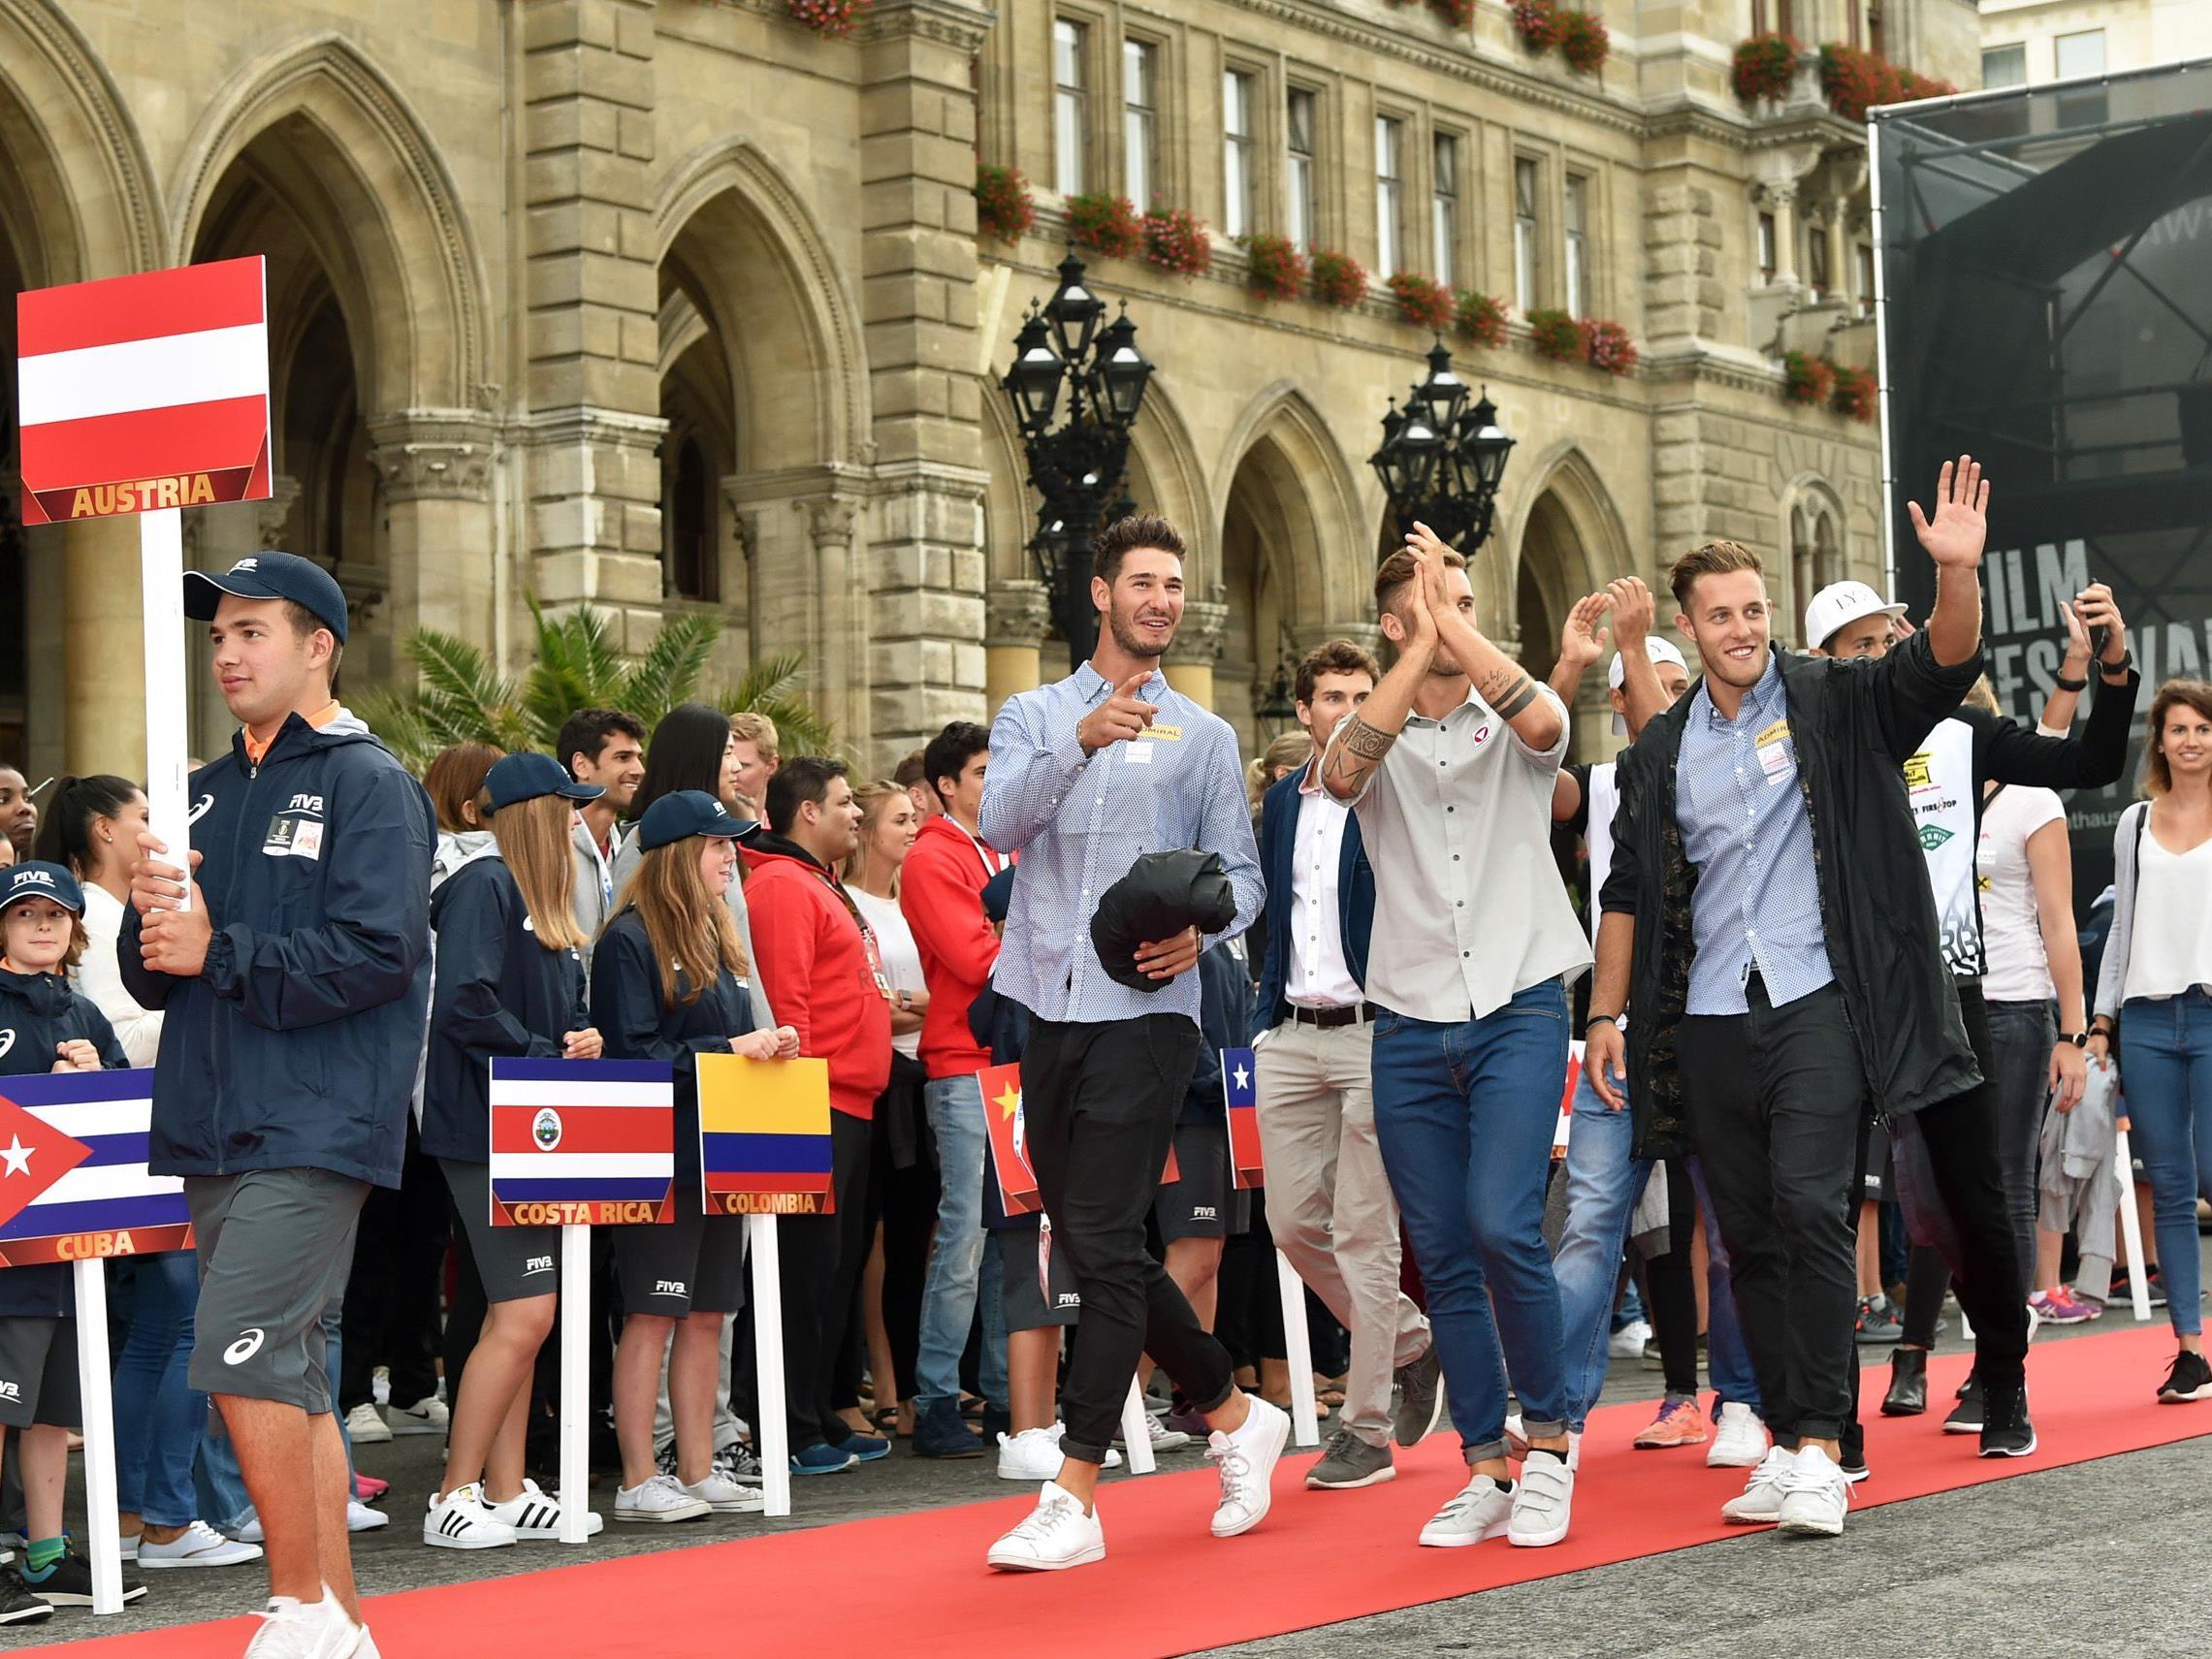 Offizieller Einzug der Beach-Volleyball-Stars am Wiener Rathausplatz.